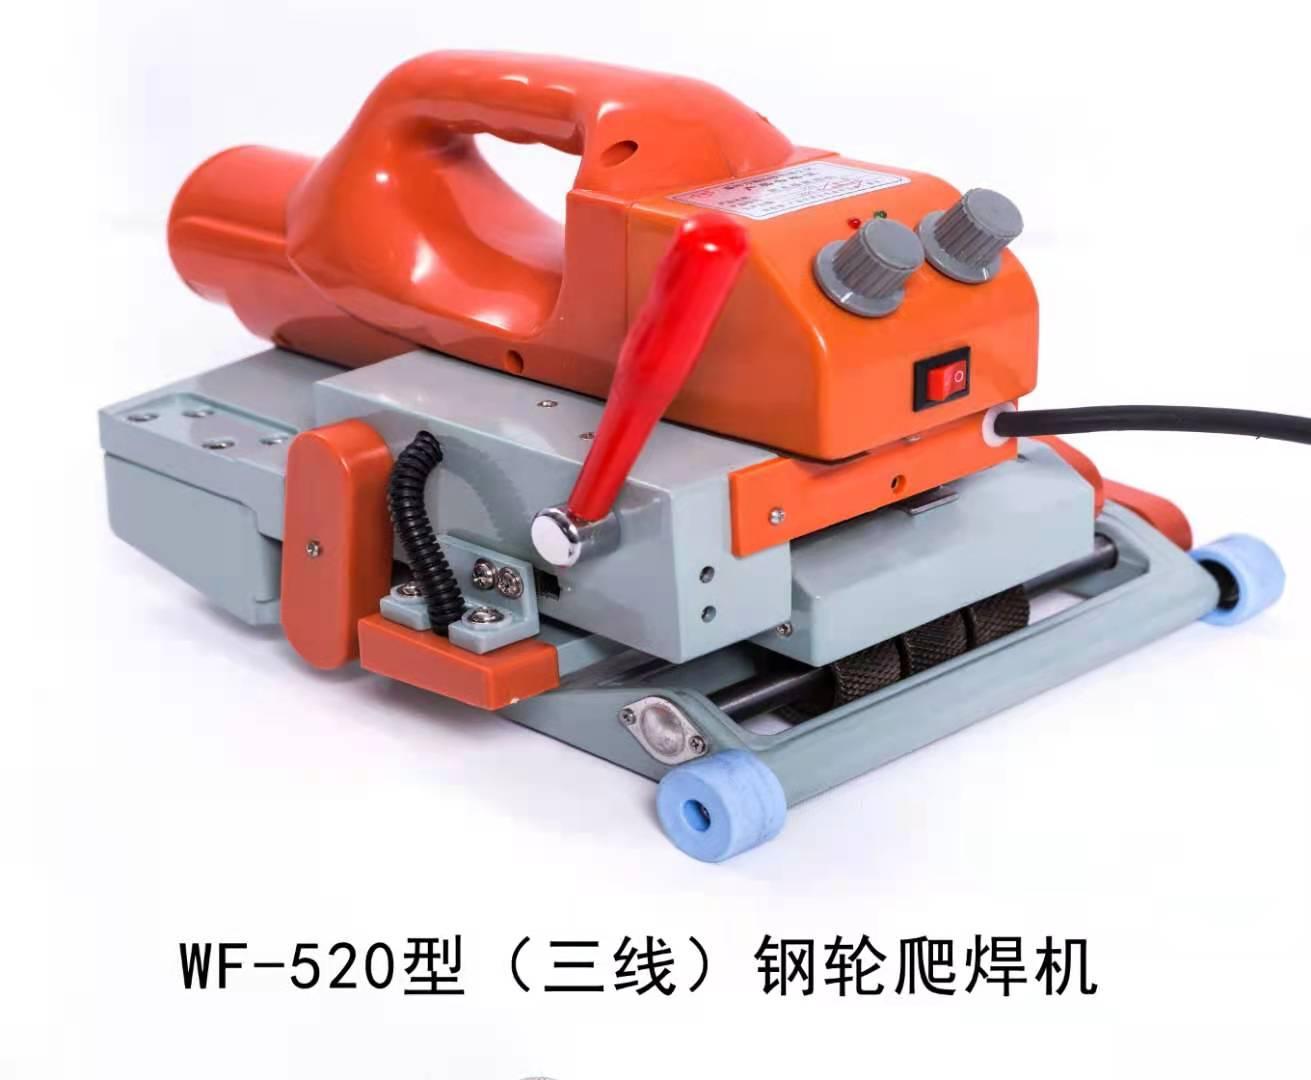 WF-520型三线爬焊机